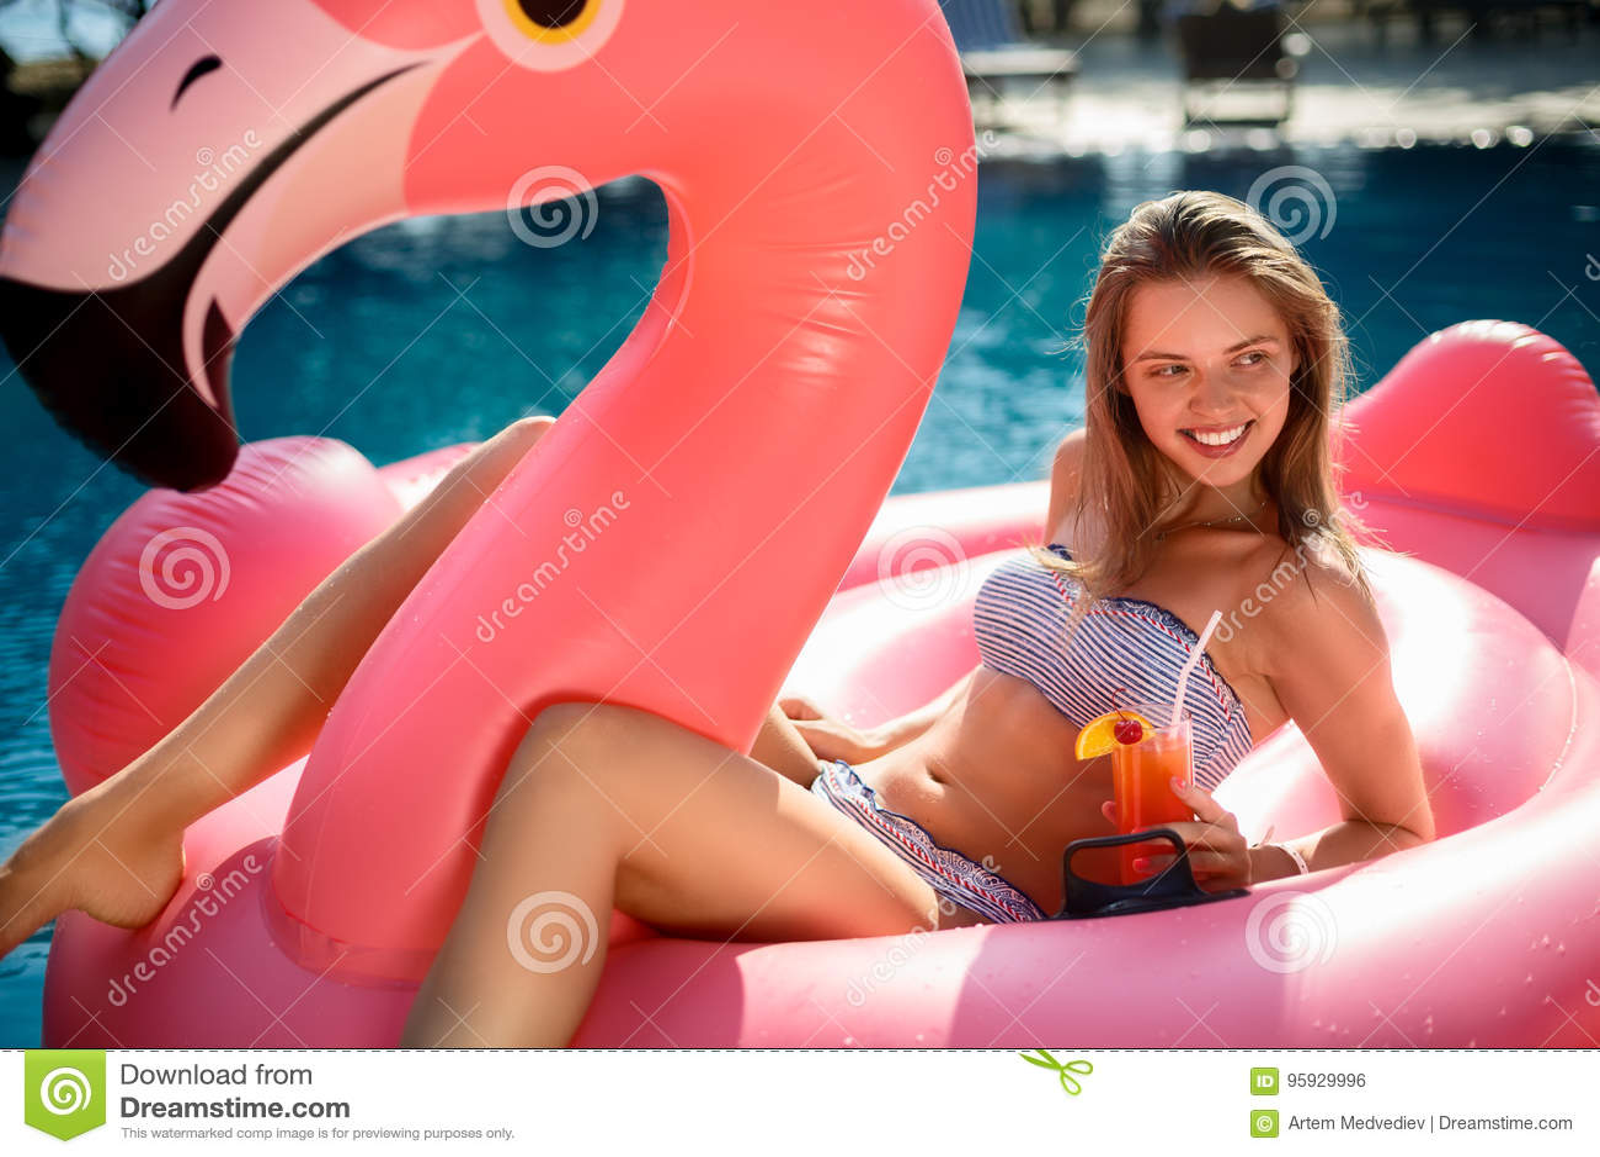 Muchacha joven y atractiva que se divierte y que ríe en un colchón rosado gigante inflable del flotador de la piscina del flamenc